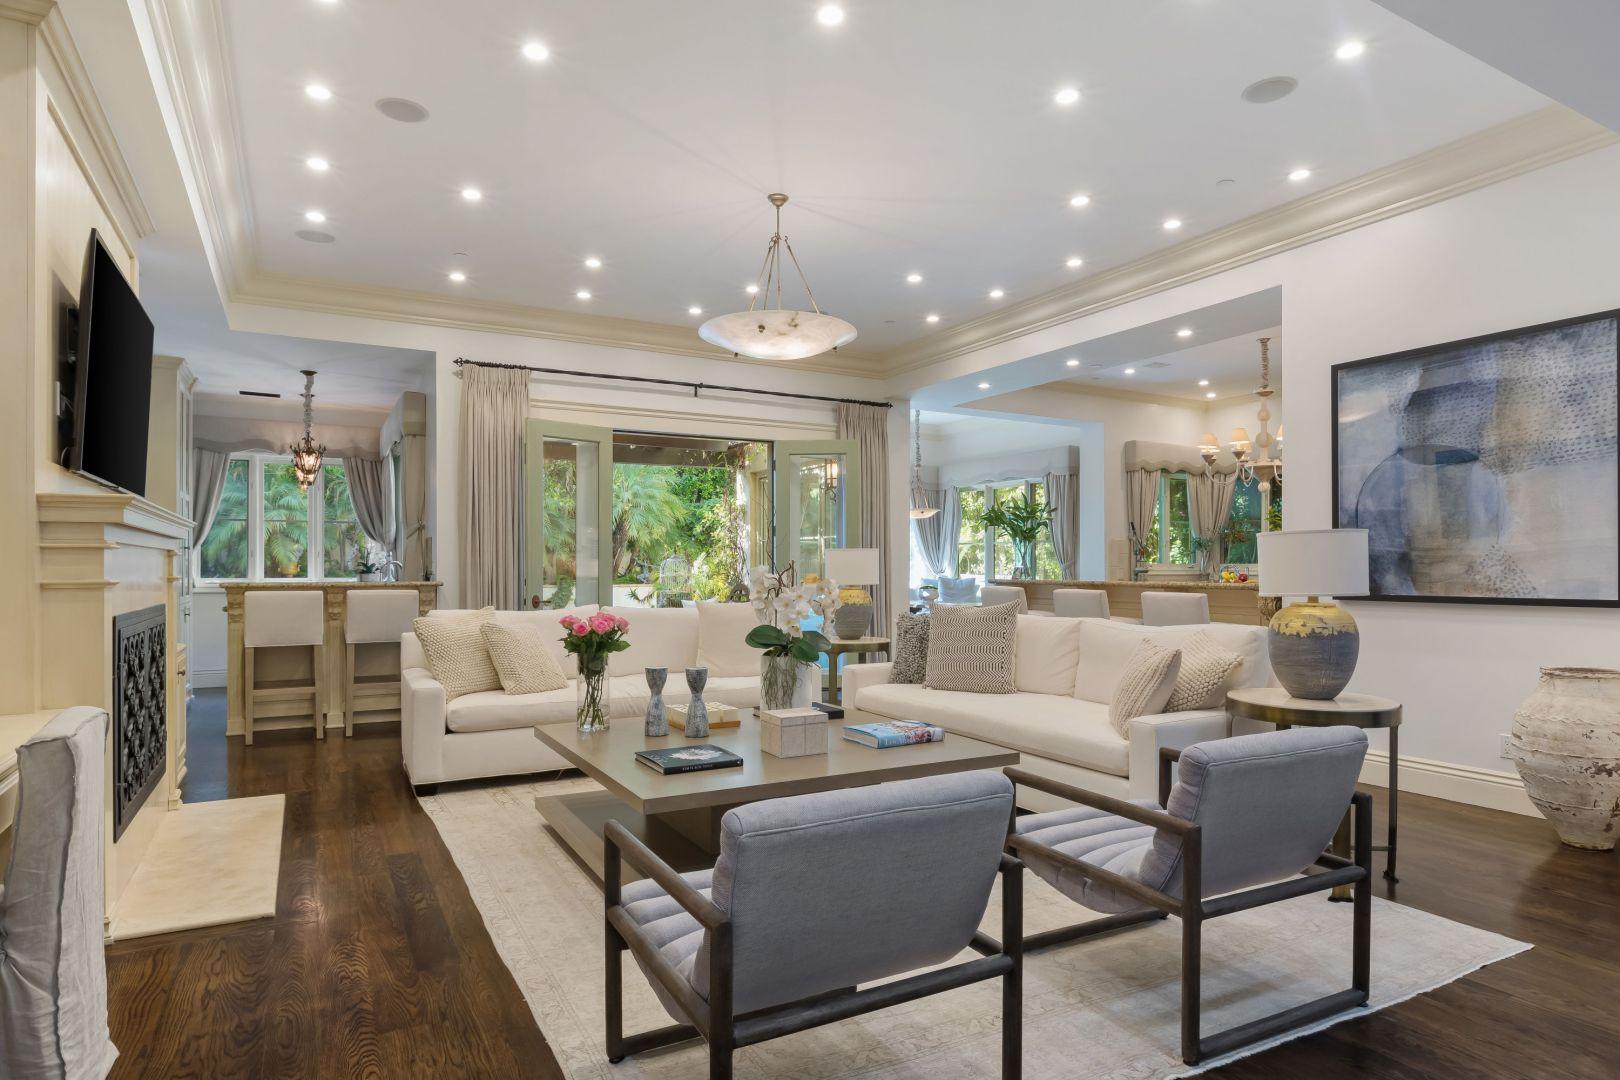 Dom pojawił się na rynku w 2018 roku z wartością 9 milionów dolarów.